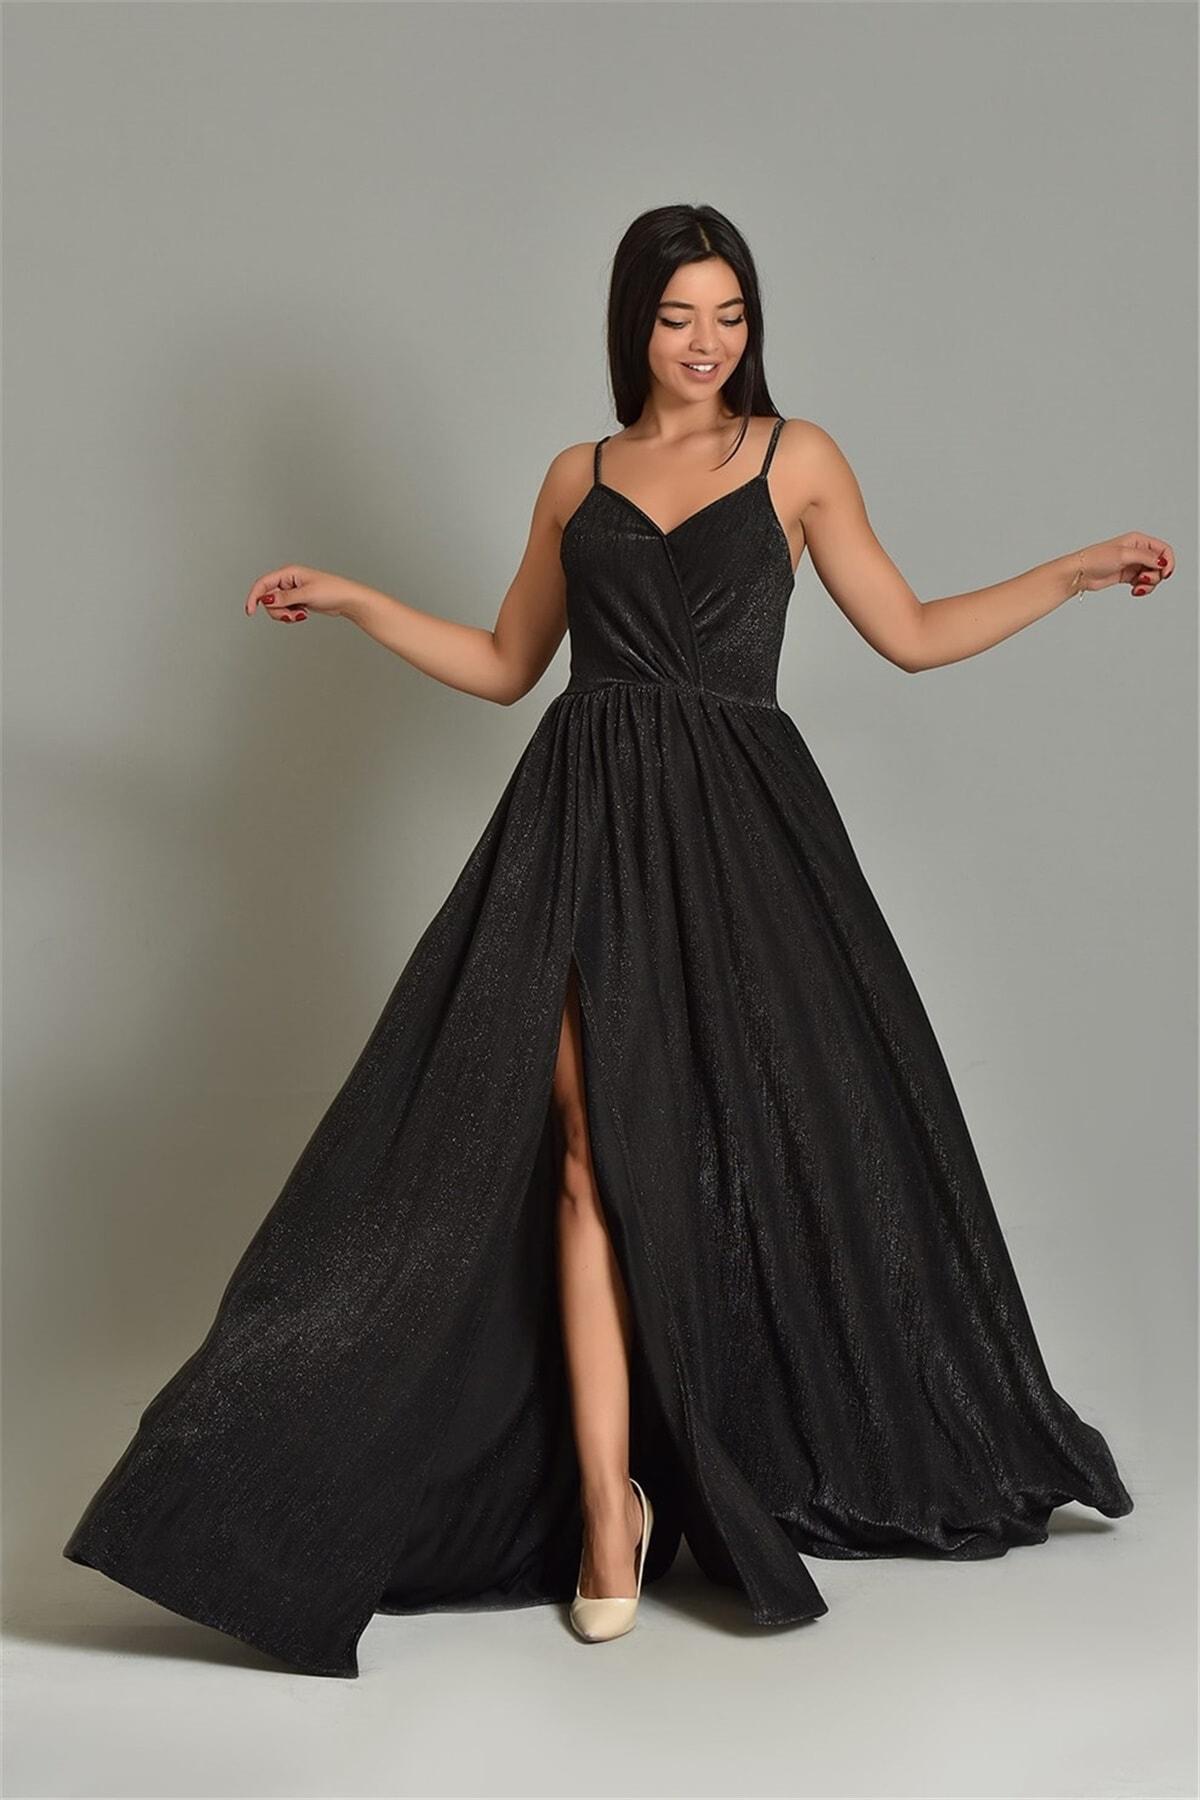 Modakapimda Siyah Ip Askılı Simli Kumaş Yırtmaçlı Abiye Elbise 1